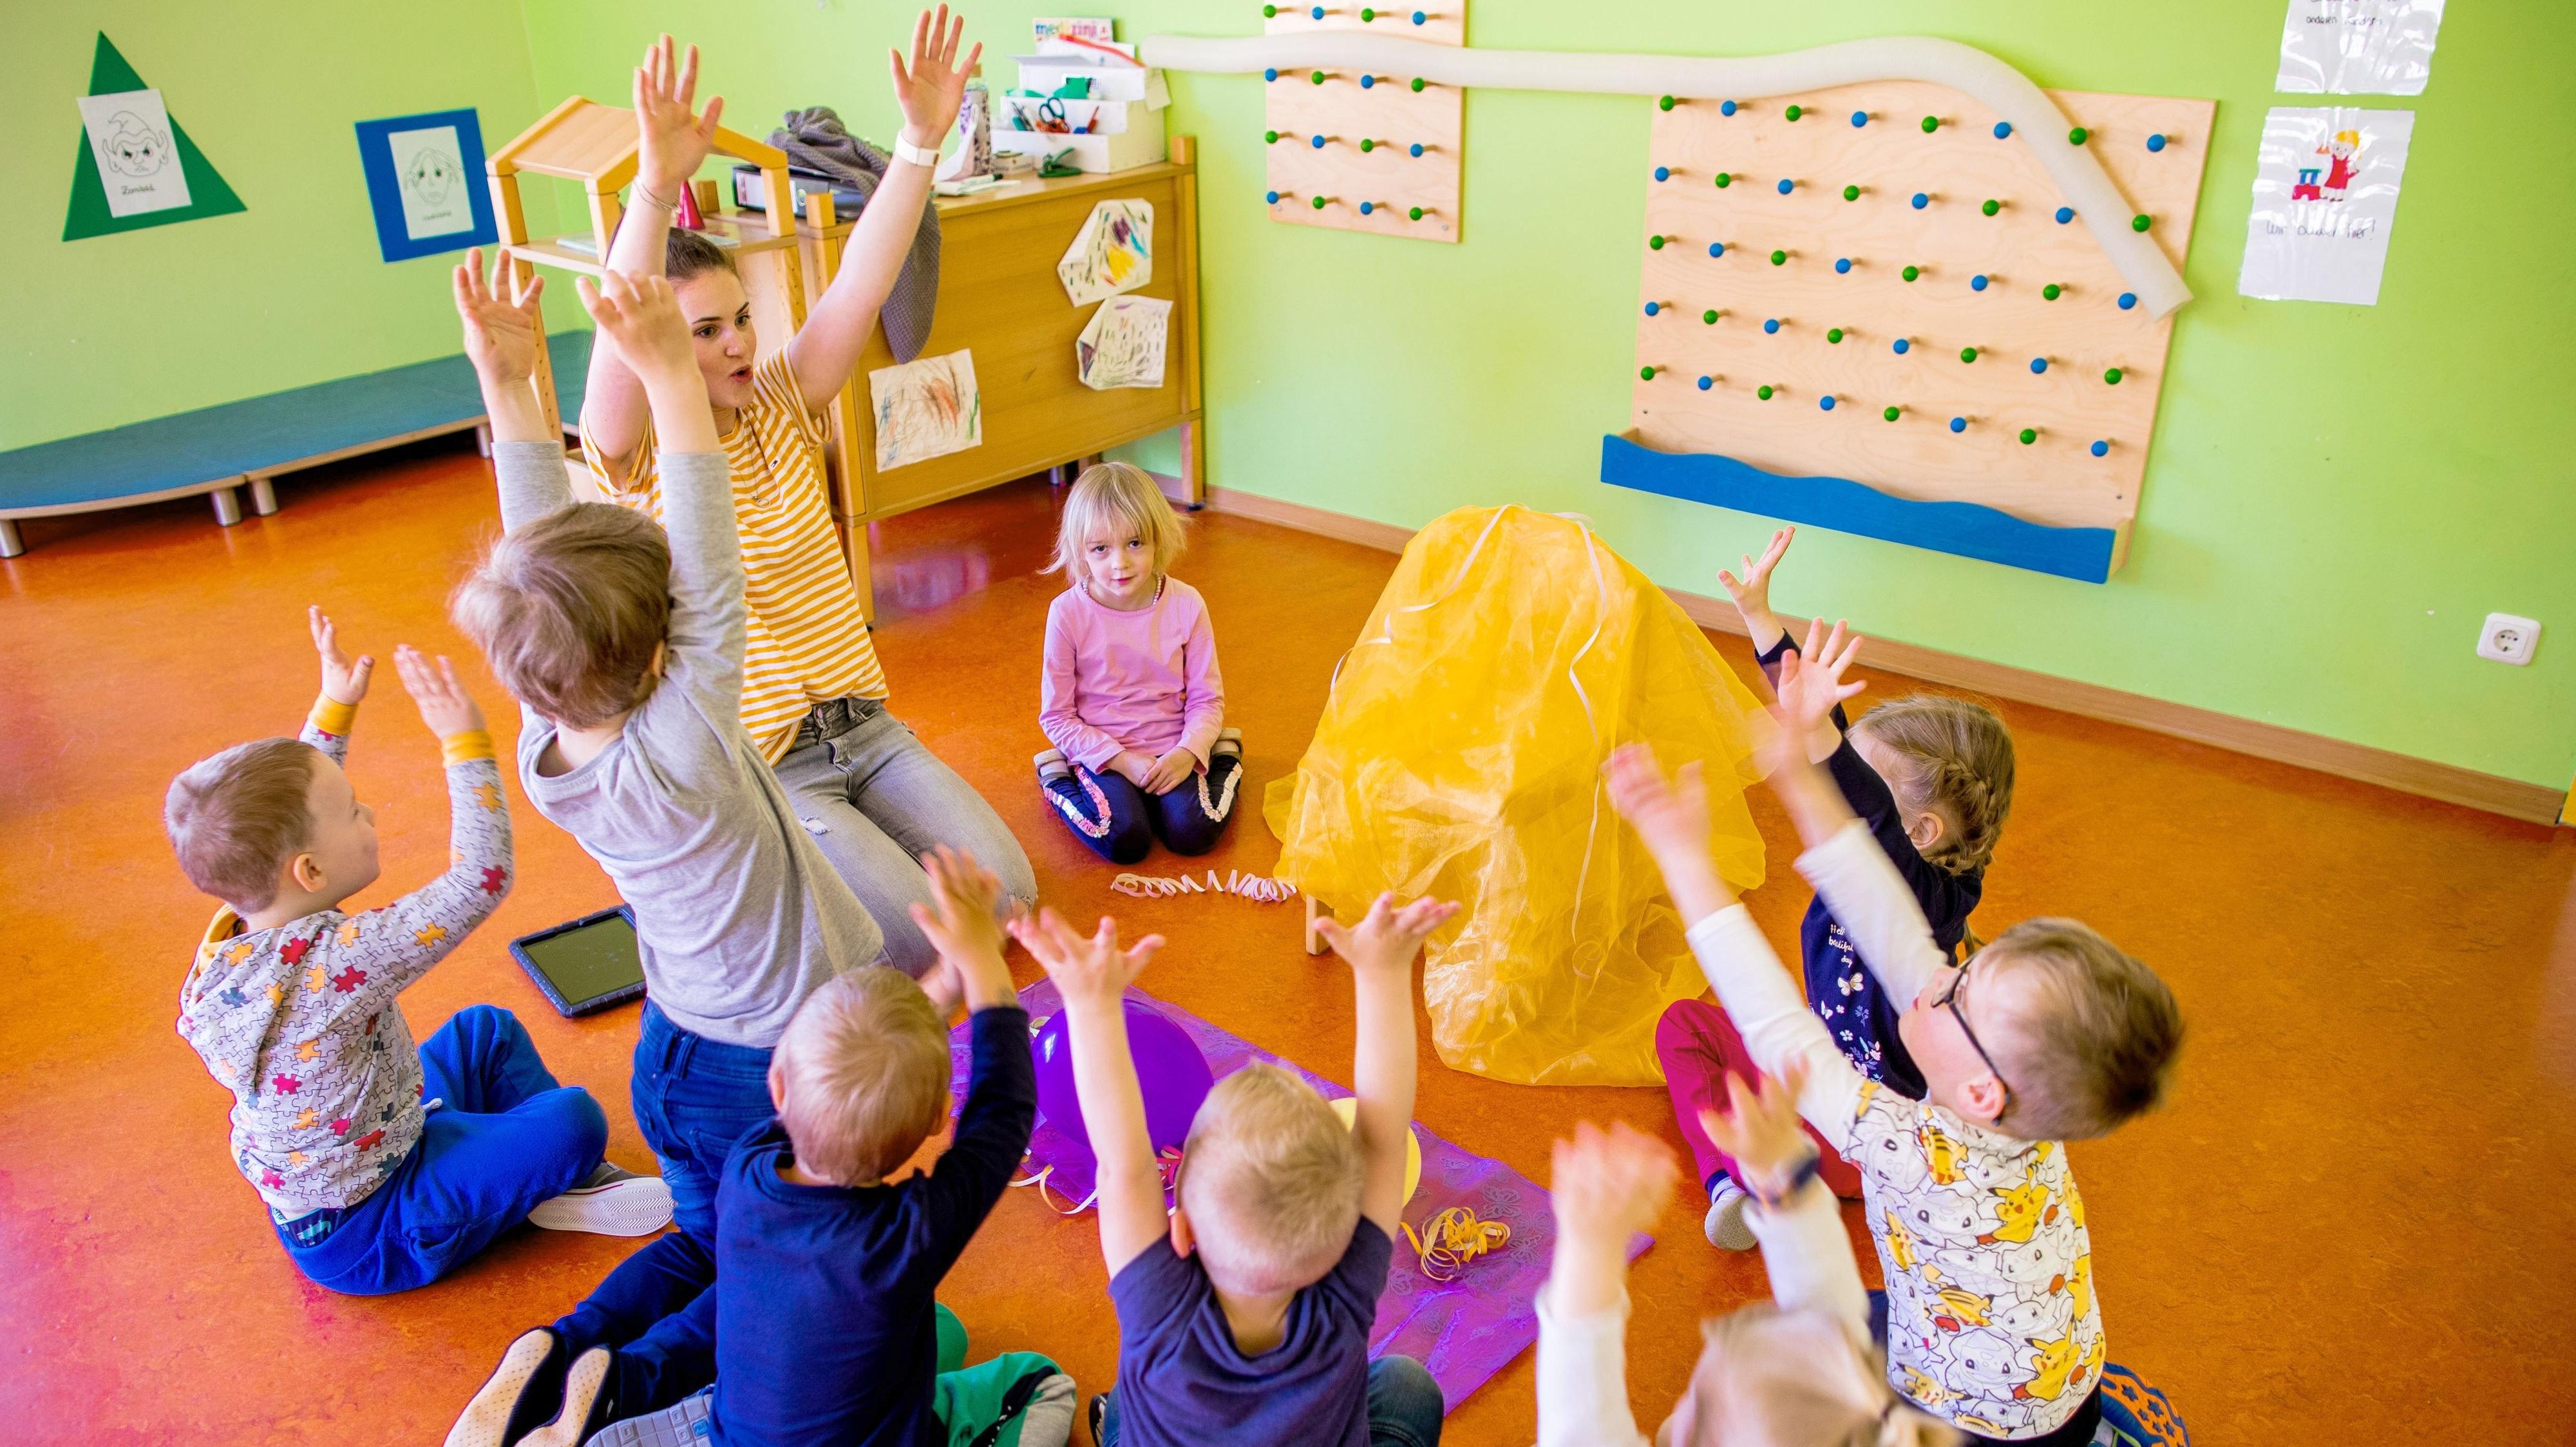 Gut aufgehoben: Laut Statistik möchten immer mehr Eltern ihren Nachwuchs in Kindertagesstätten oder bei Tagesmüttern untergebracht wissen. Frühkindliche Bildung wird wertgeschätzt, zudem können die Eltern dann wieder arbeiten gehen. Symbolfoto: Jens Büttner/dpa